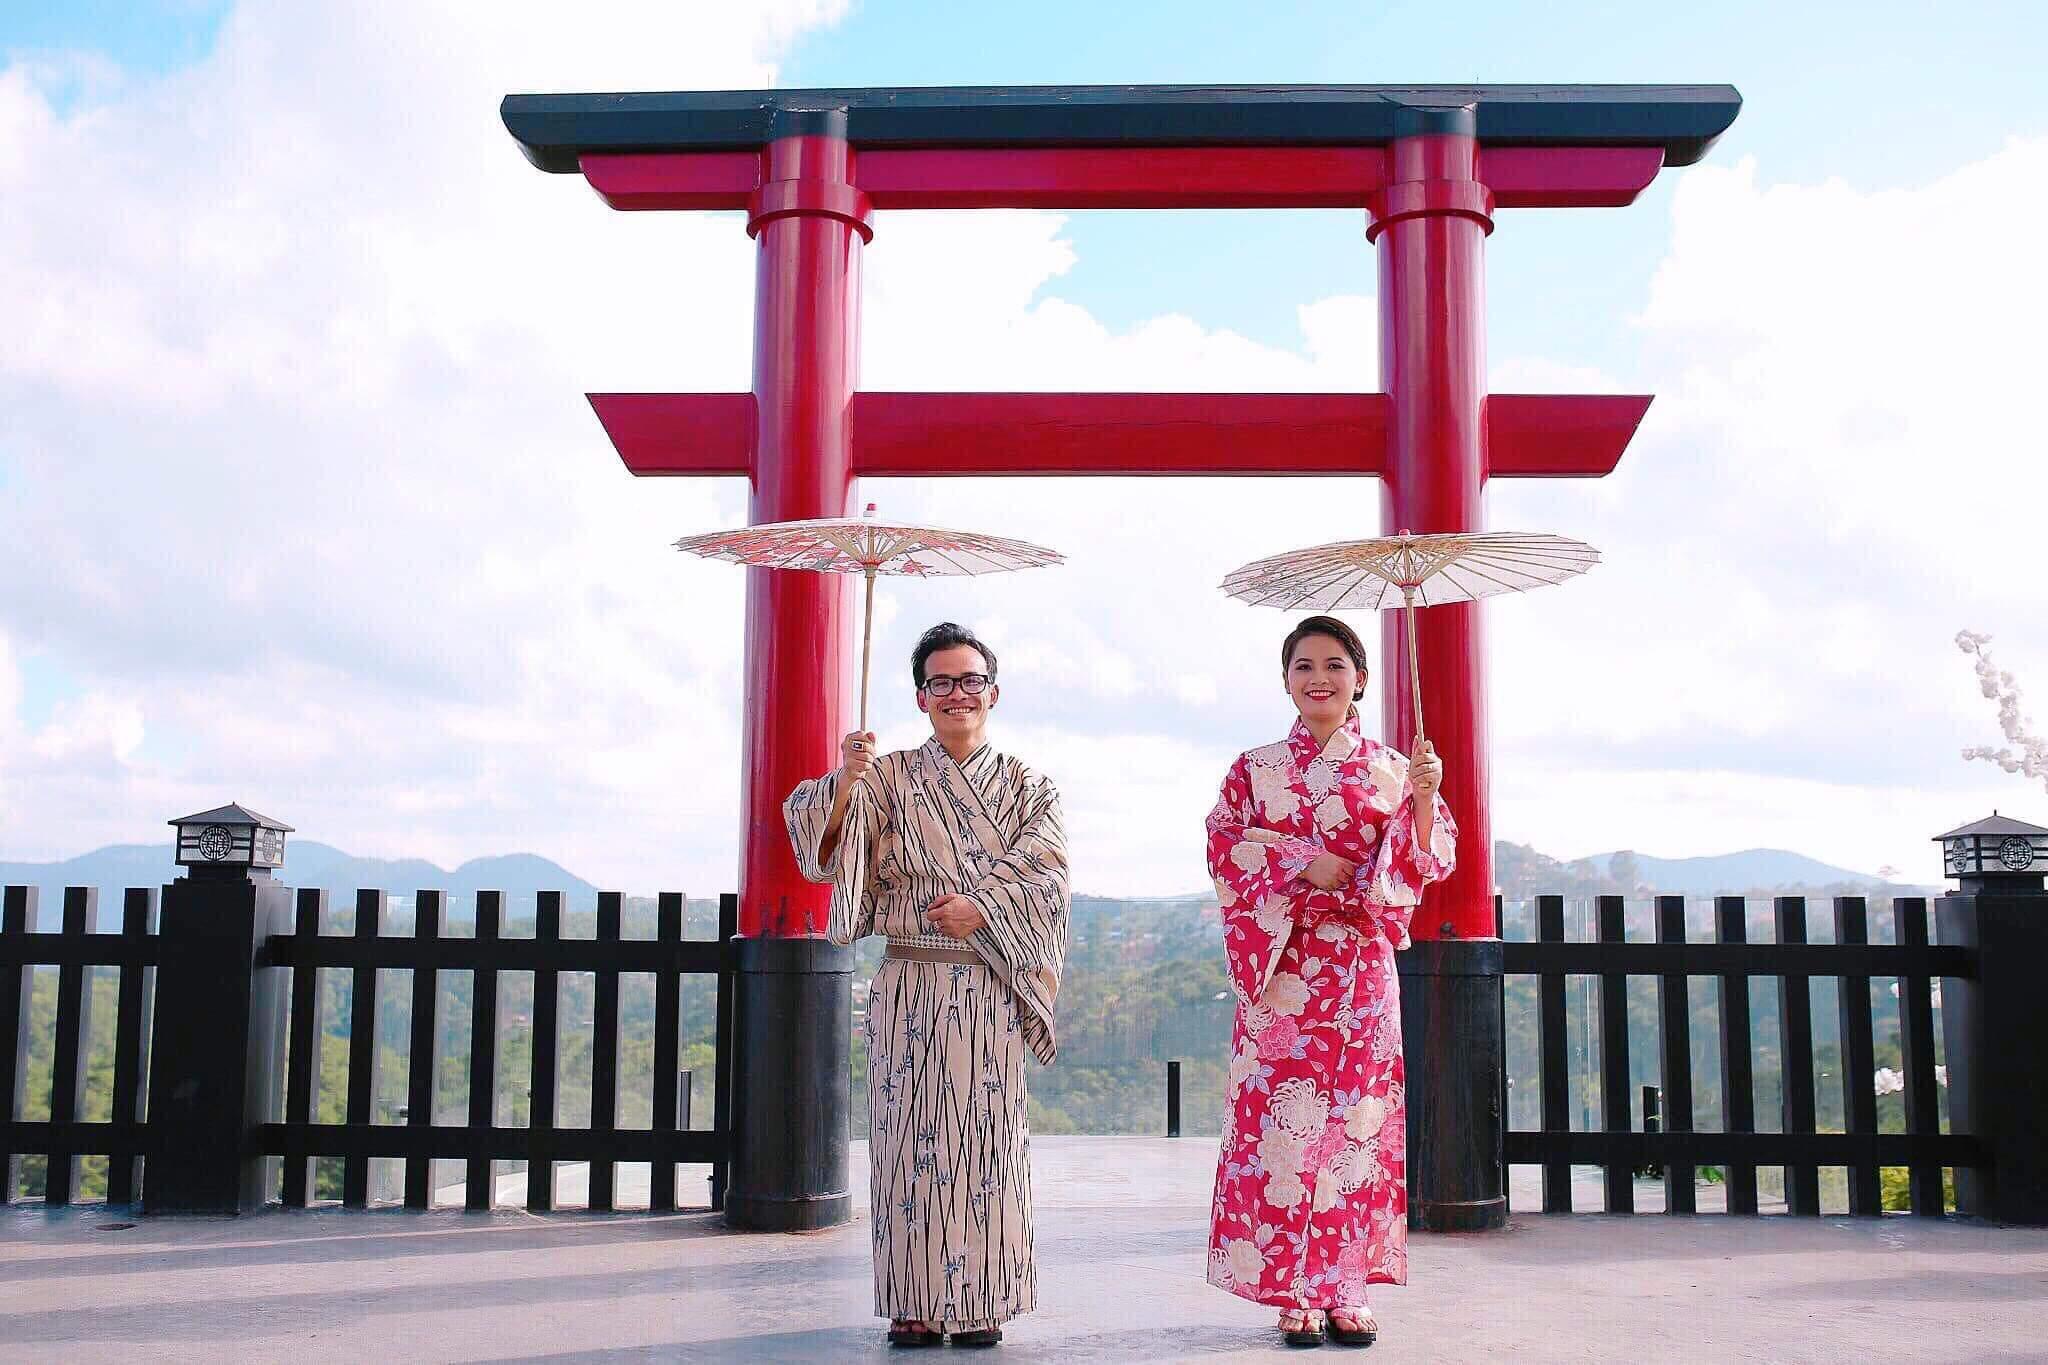 Đà Lạt View - Cổng trời thứ 2 của Lâm Đồng